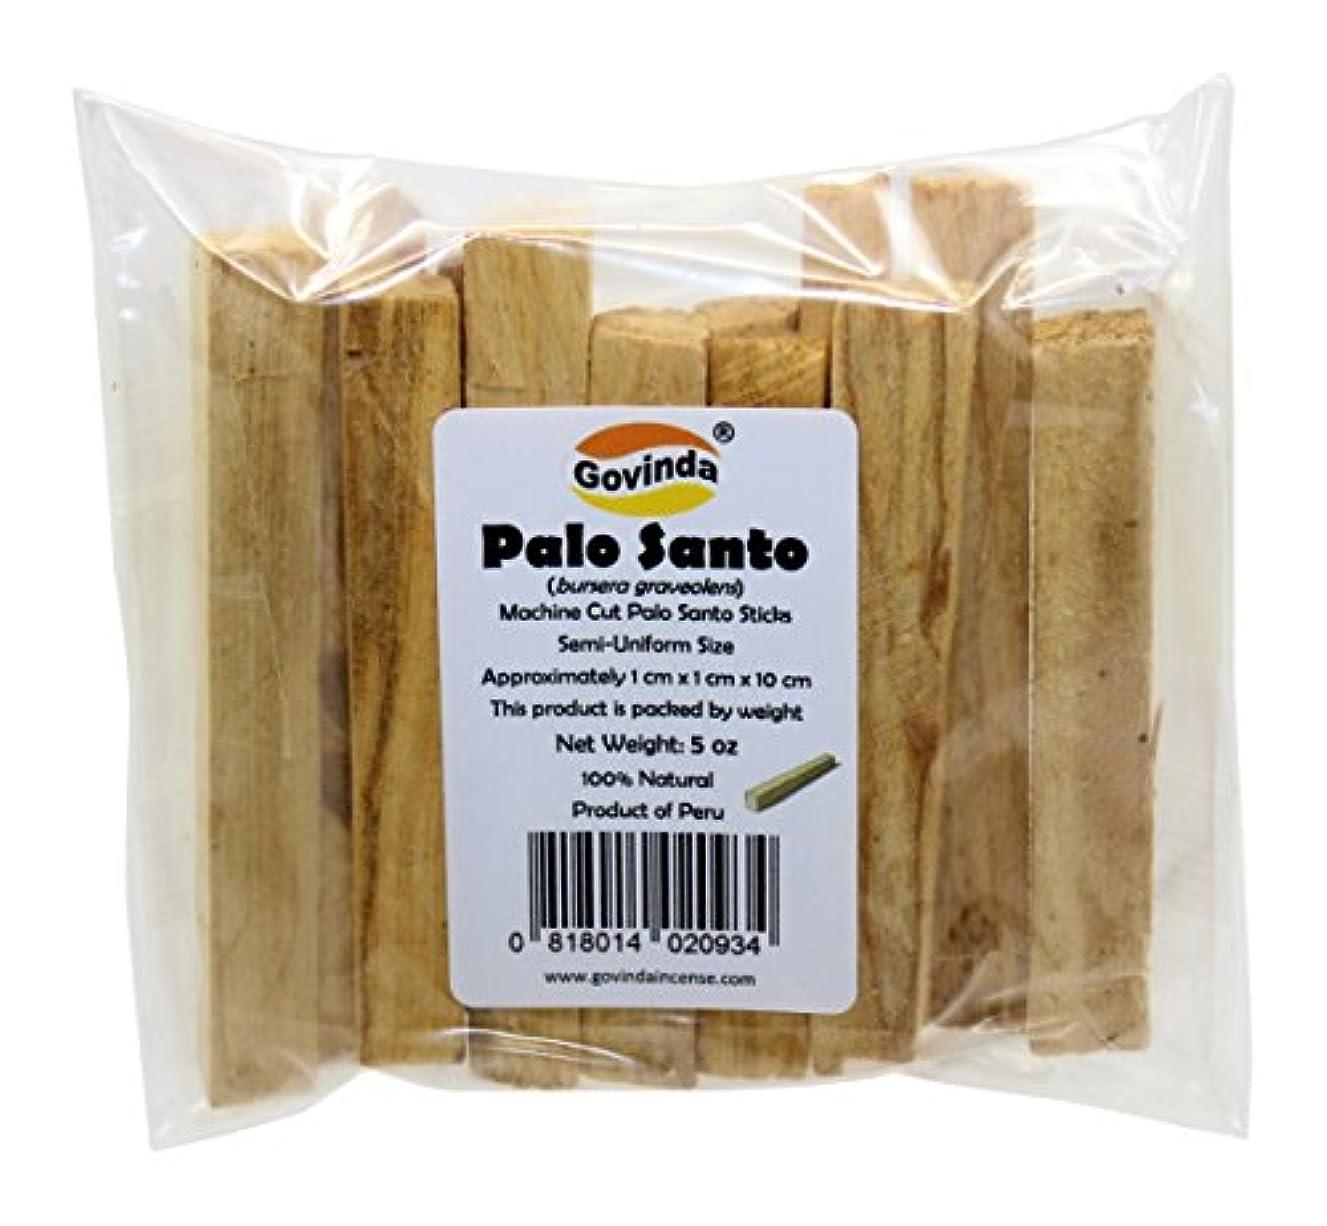 塗抹含める環境に優しいGovindaプレミアムPalo Santo Holy Wood Incense Sticks 5オンスパックfor purifying、クレンジング、ヒーリング、瞑想、Stress Relief。100 %天然